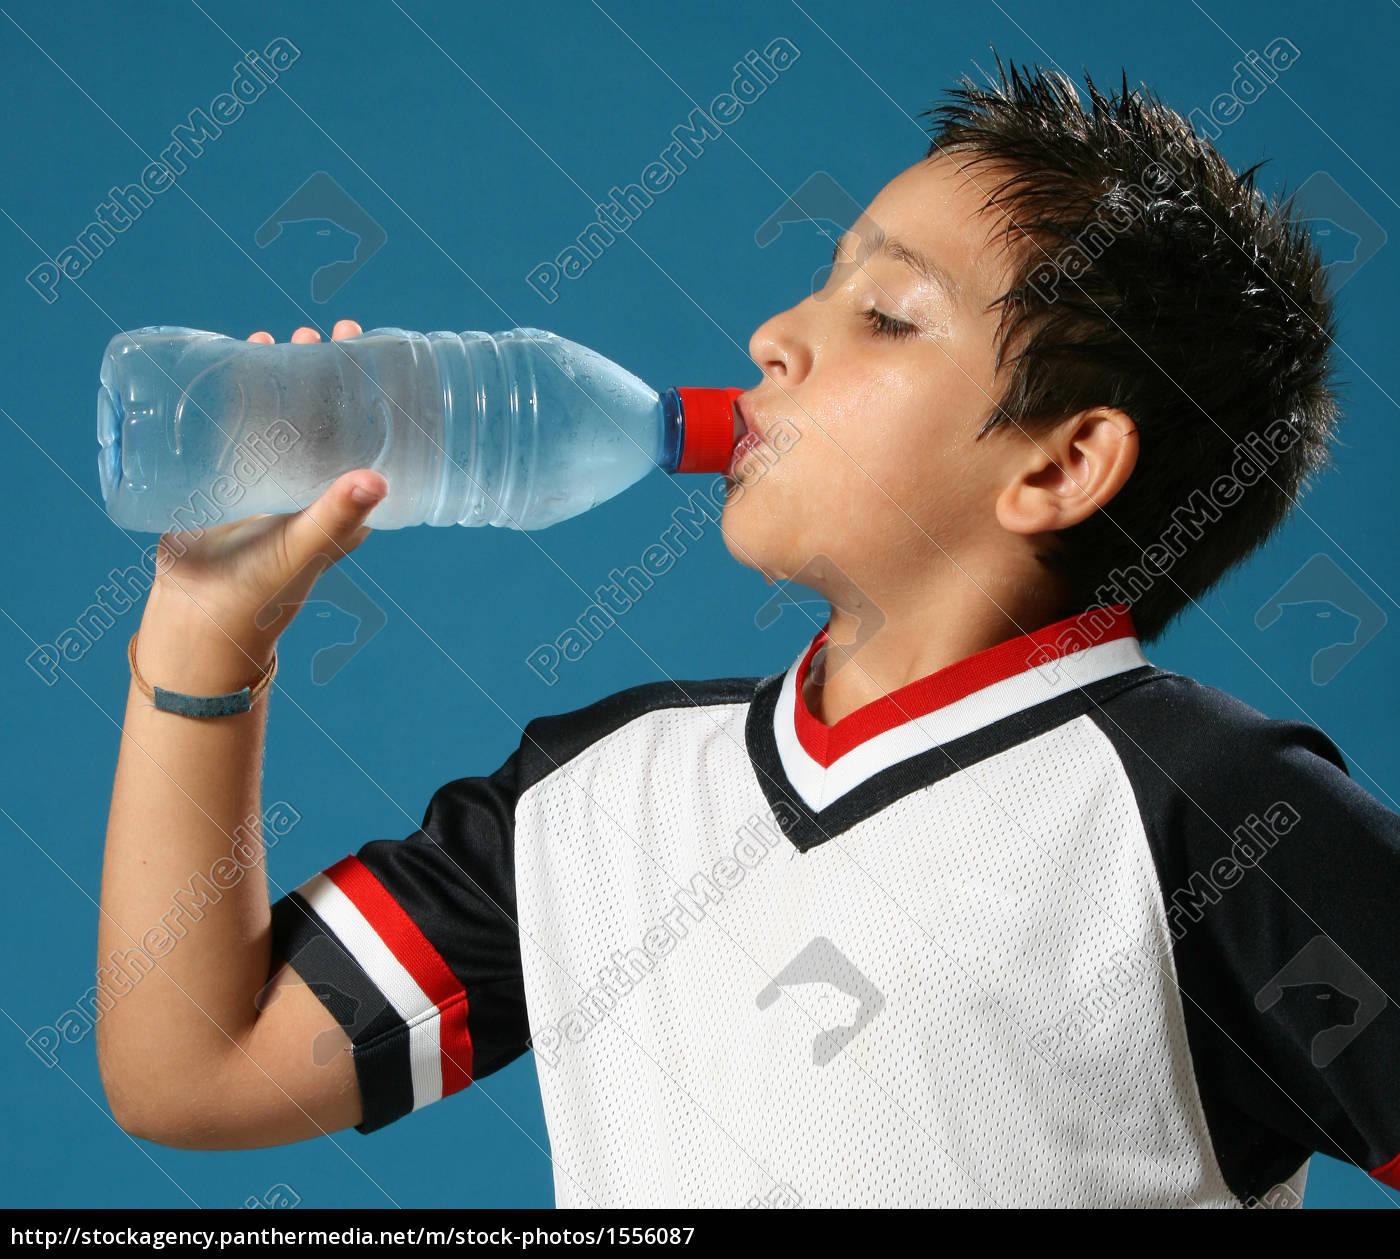 durstiger, junge, trinkwasser - 1556087